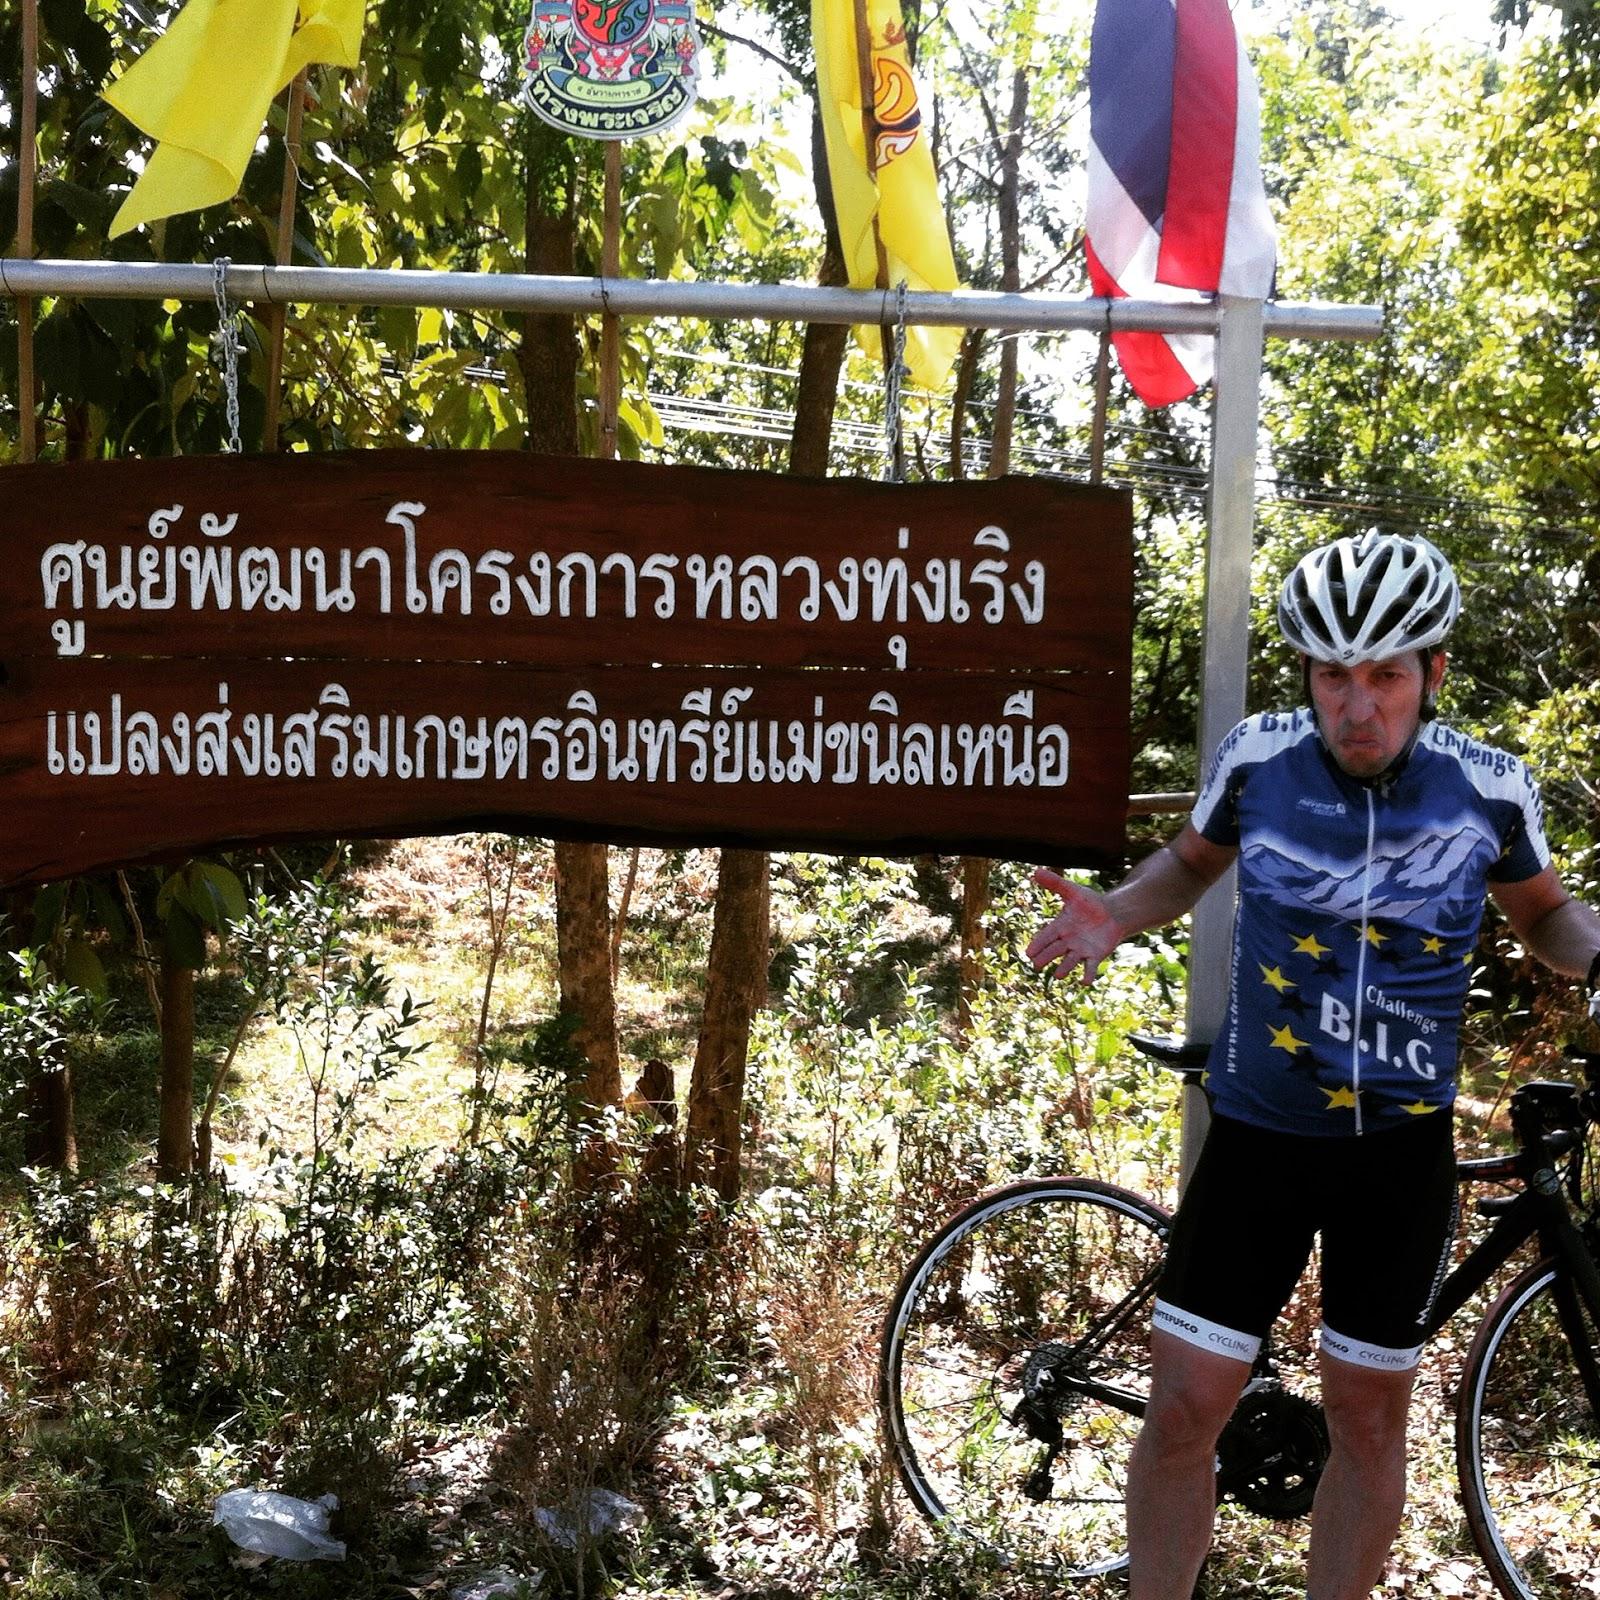 Ciclismo en Tailandia